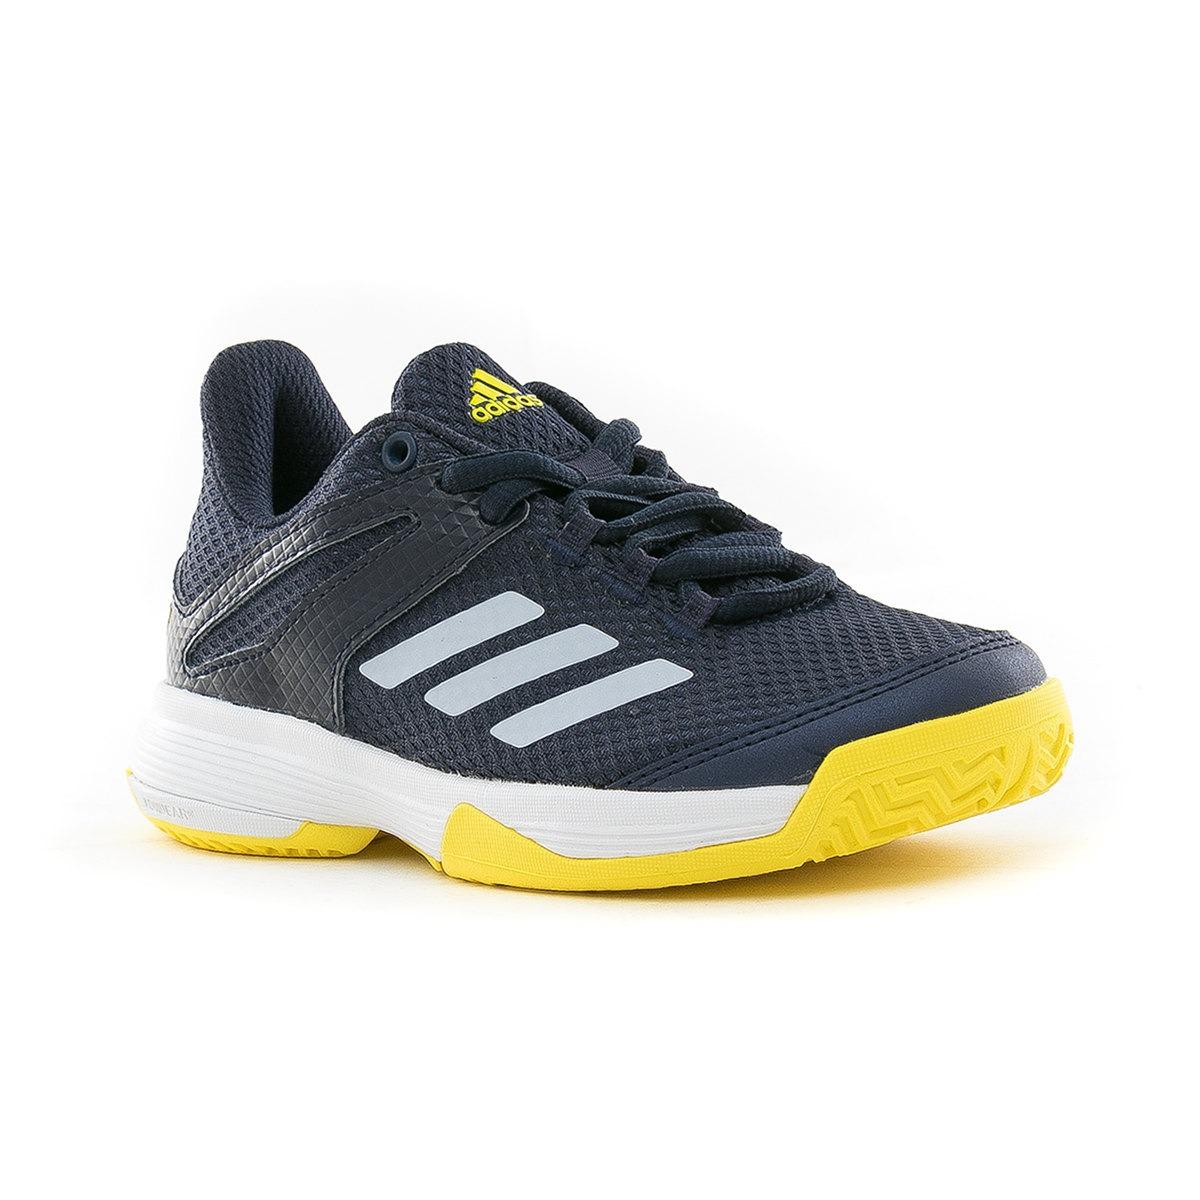 1a0950c93ea zapatillas adizero club k adidas. Cargando zoom.